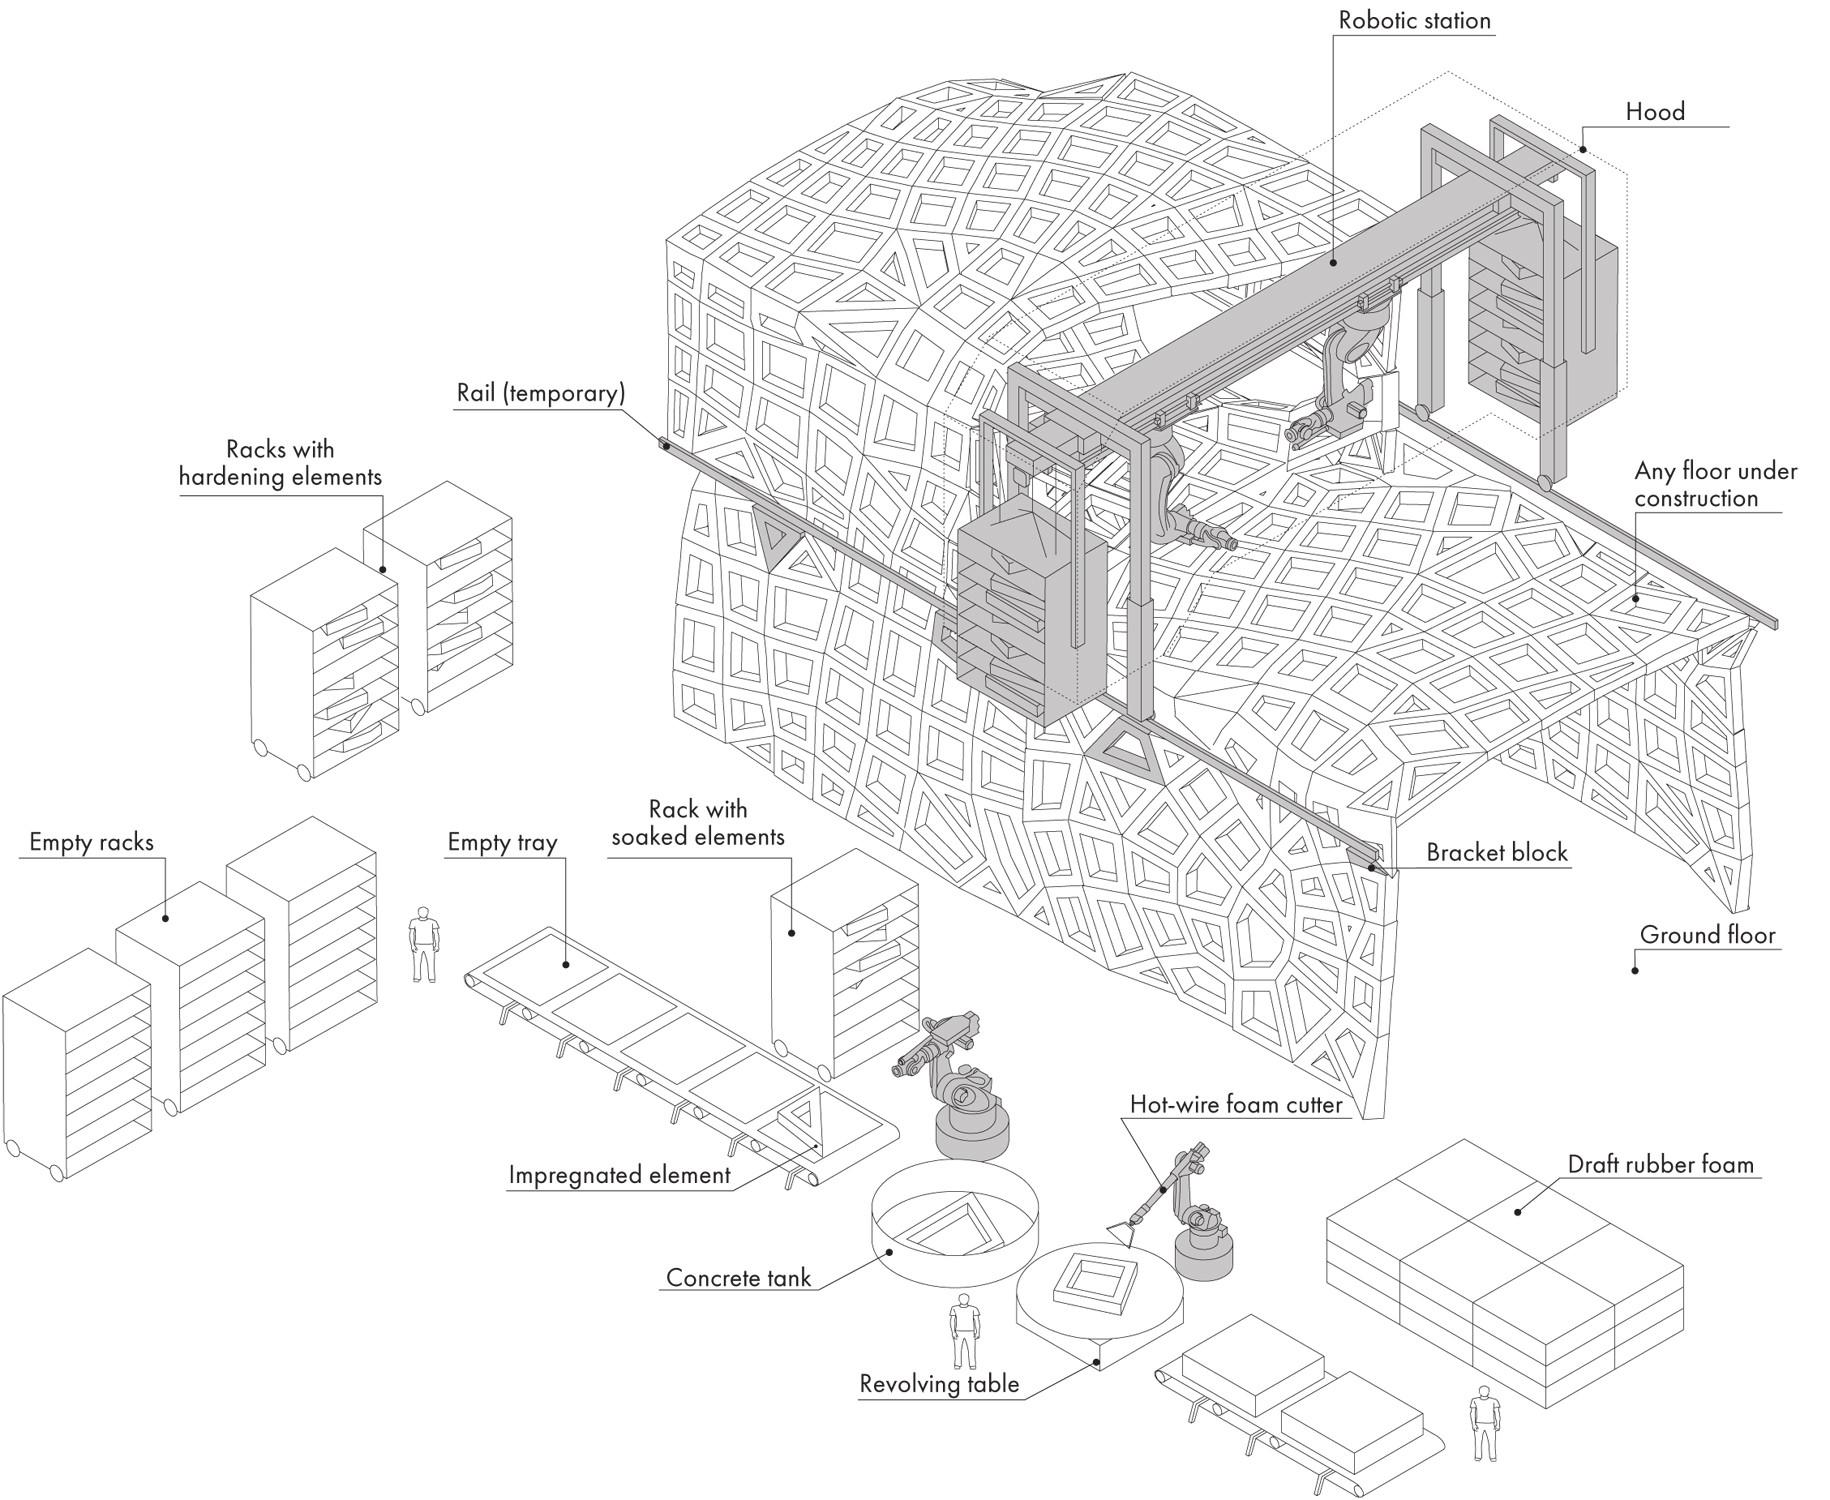 Piedra digitalizada: propuesta de albañilería inteligente, por ZAarchitects